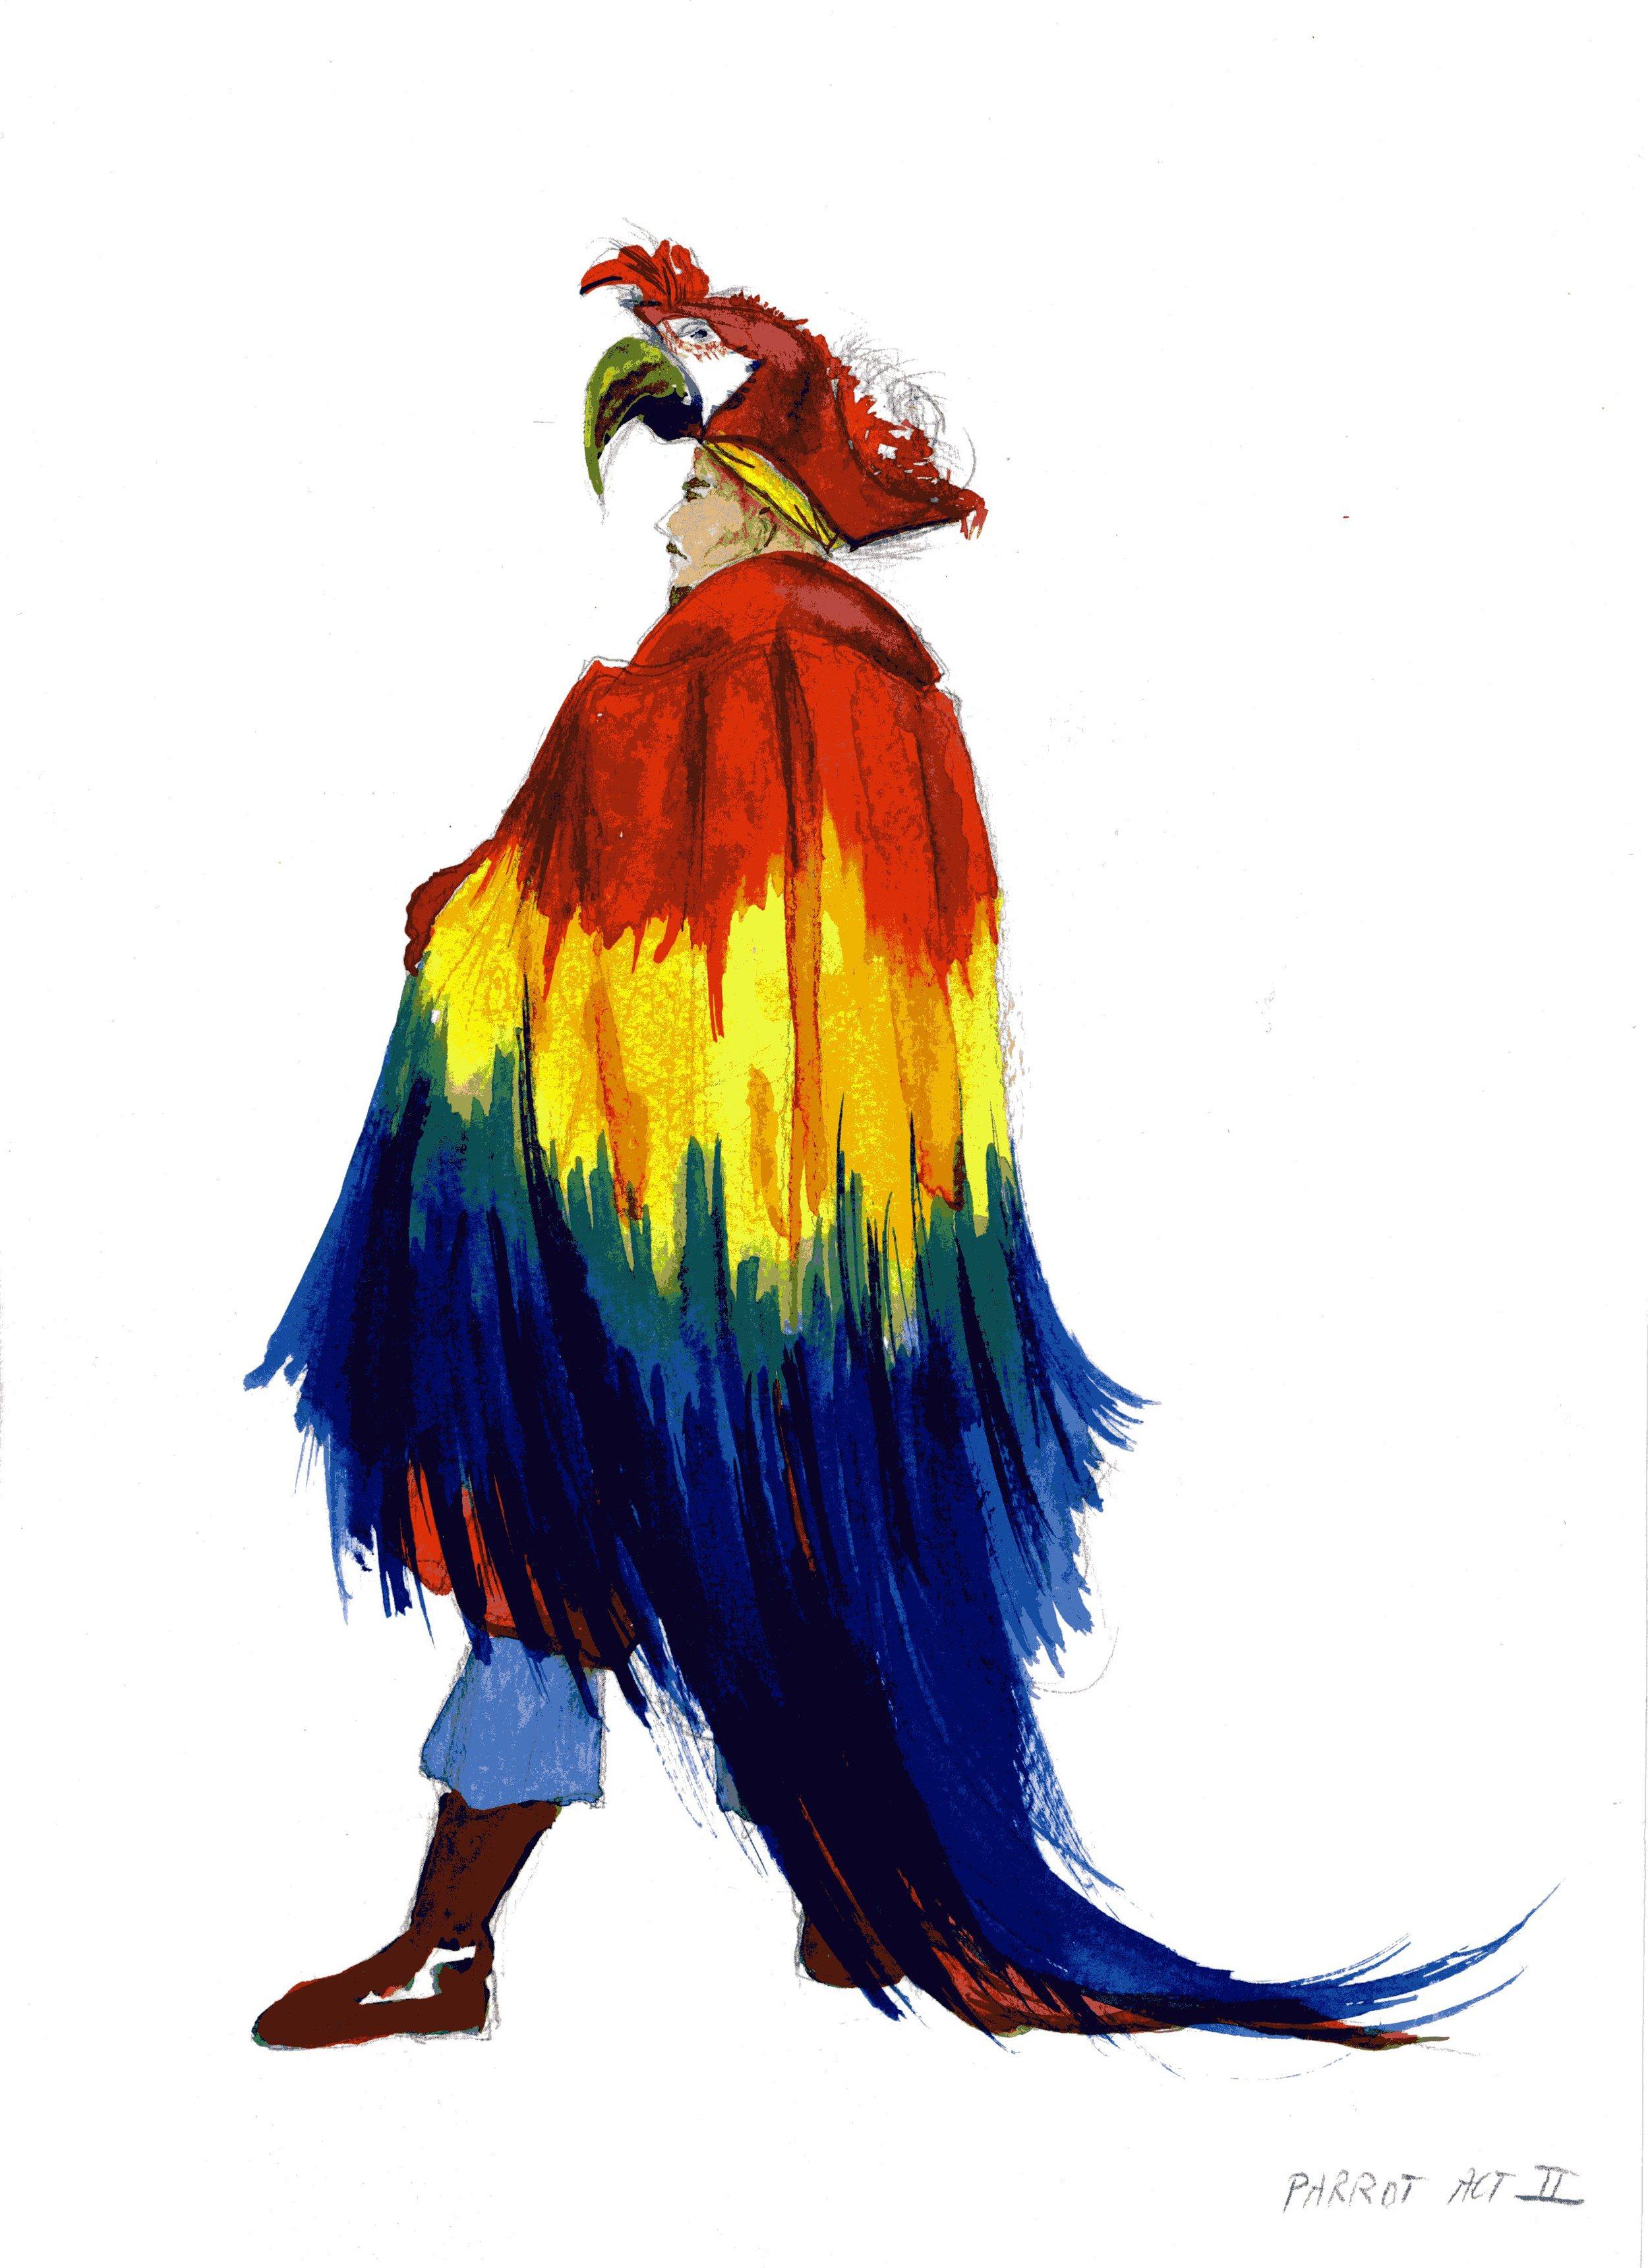 Parrot act 1.jpg